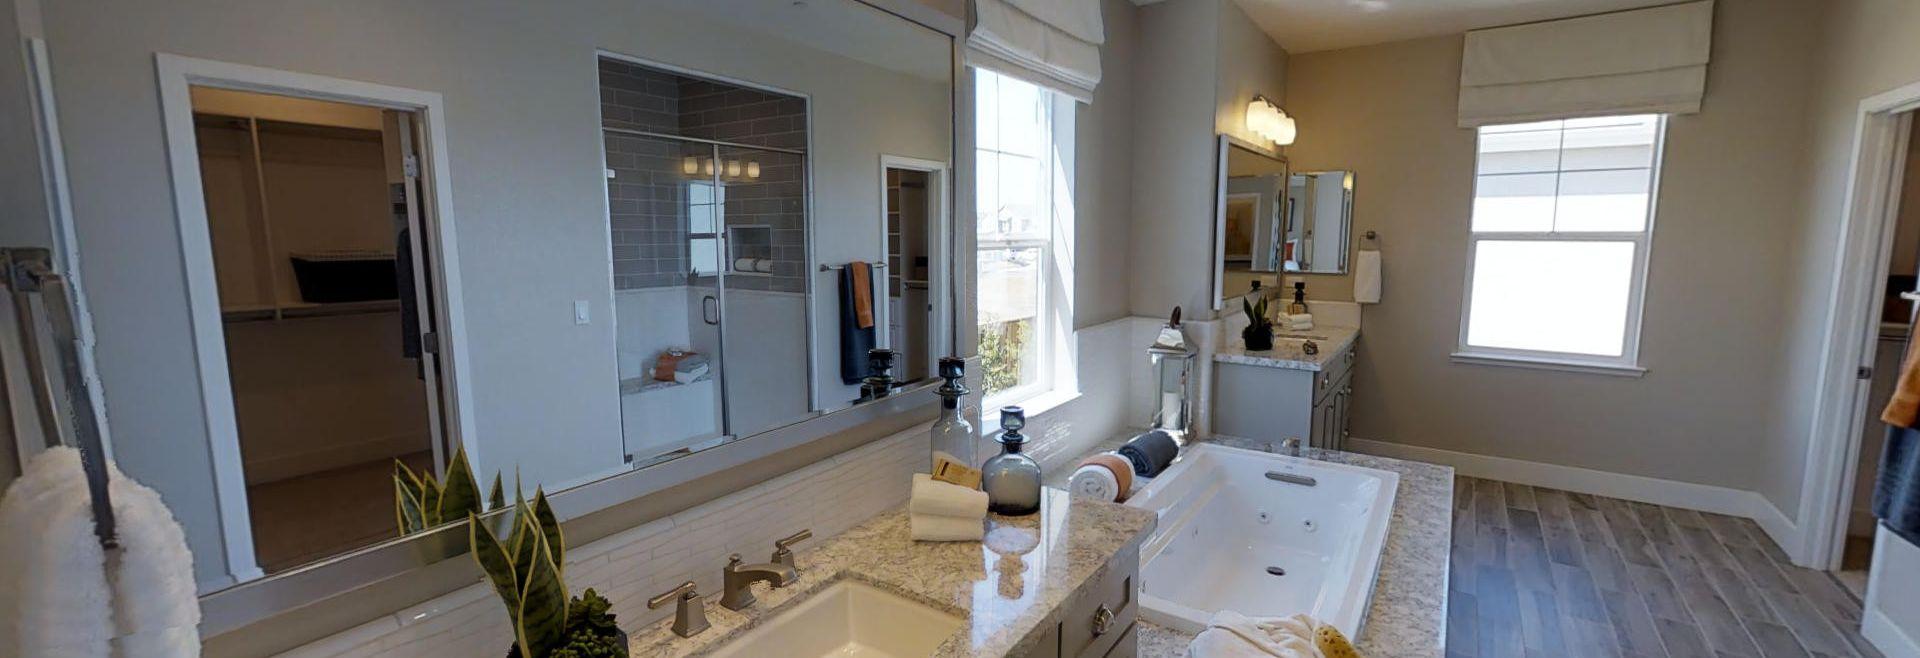 Ashford Plan 1 Master Bathroom